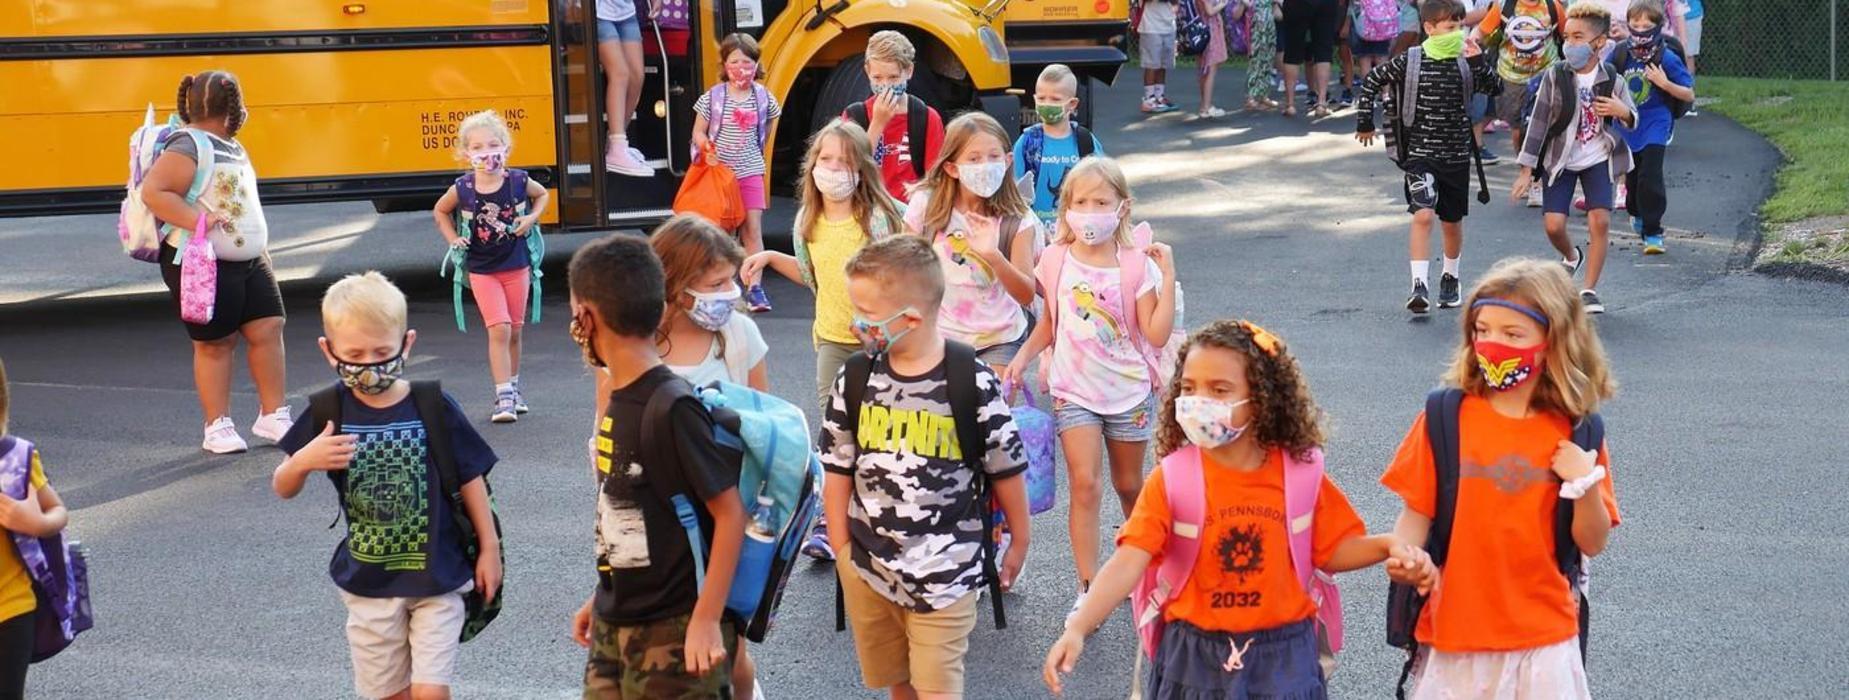 arriving to school